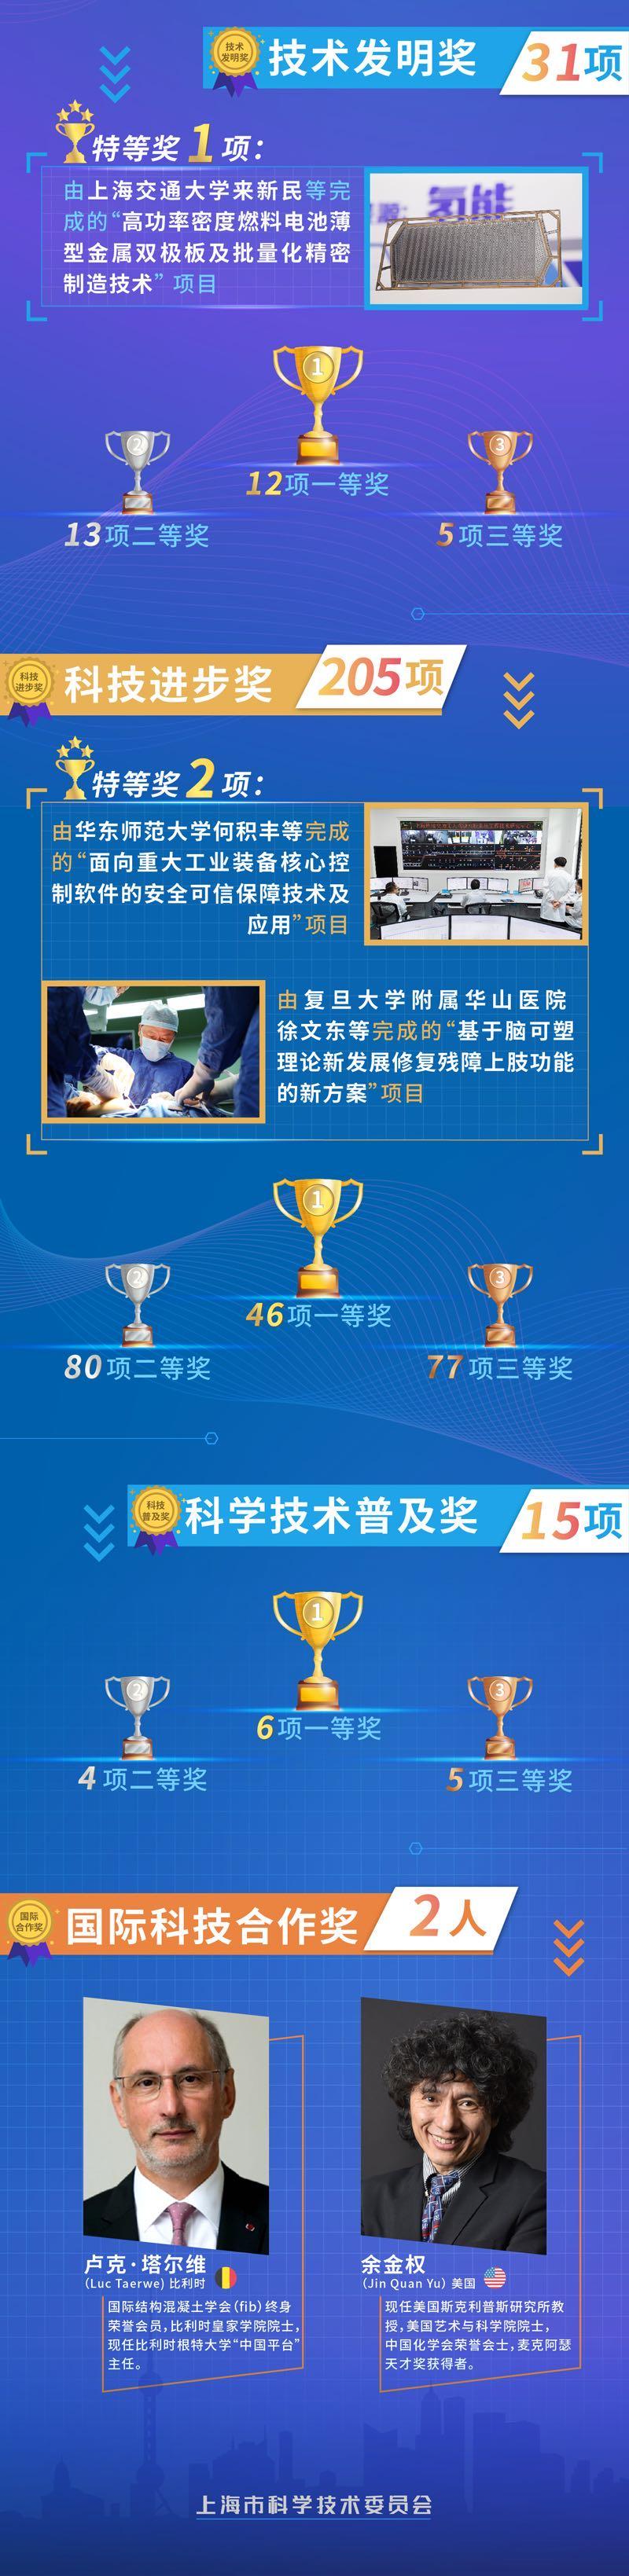 来源:上海科委